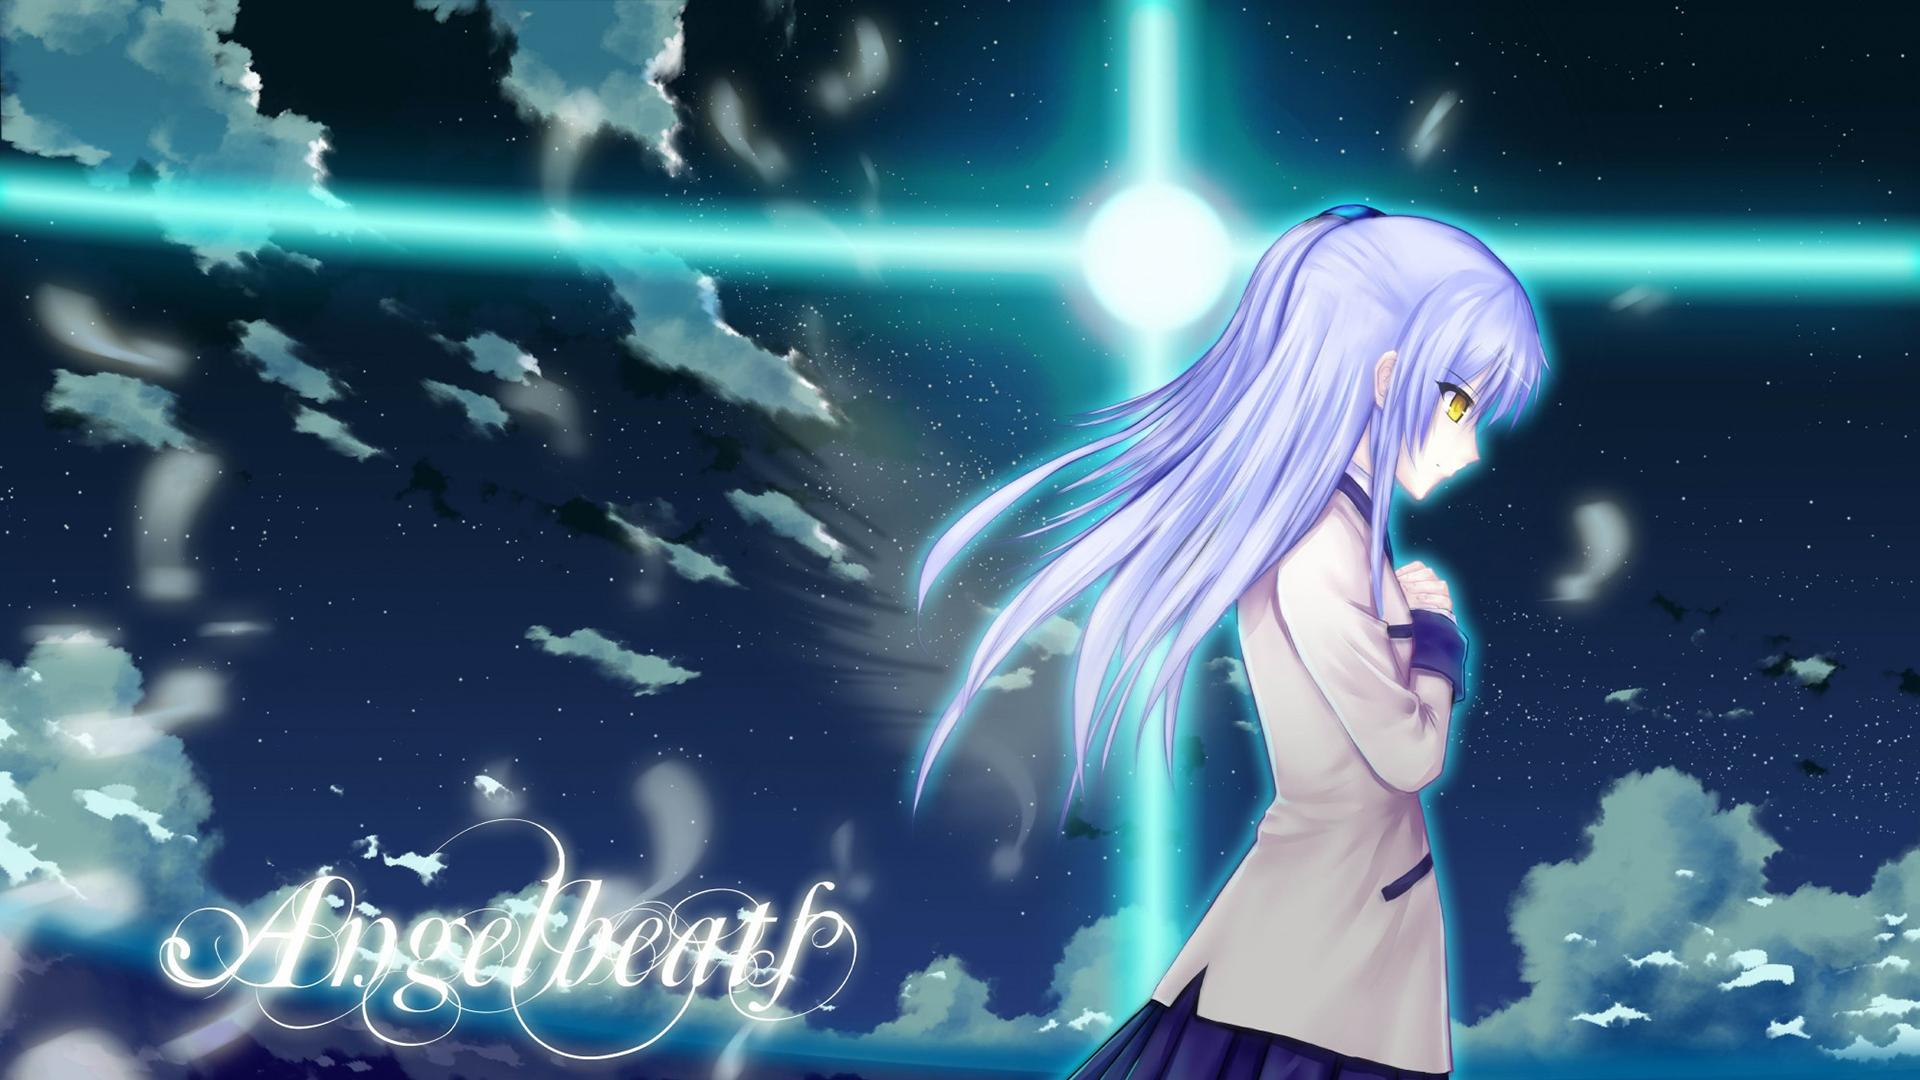 3d Wallpaper Sword Art Online Interactive Hd Praying Kanade Tachibana Angel Beats Hd Desktop